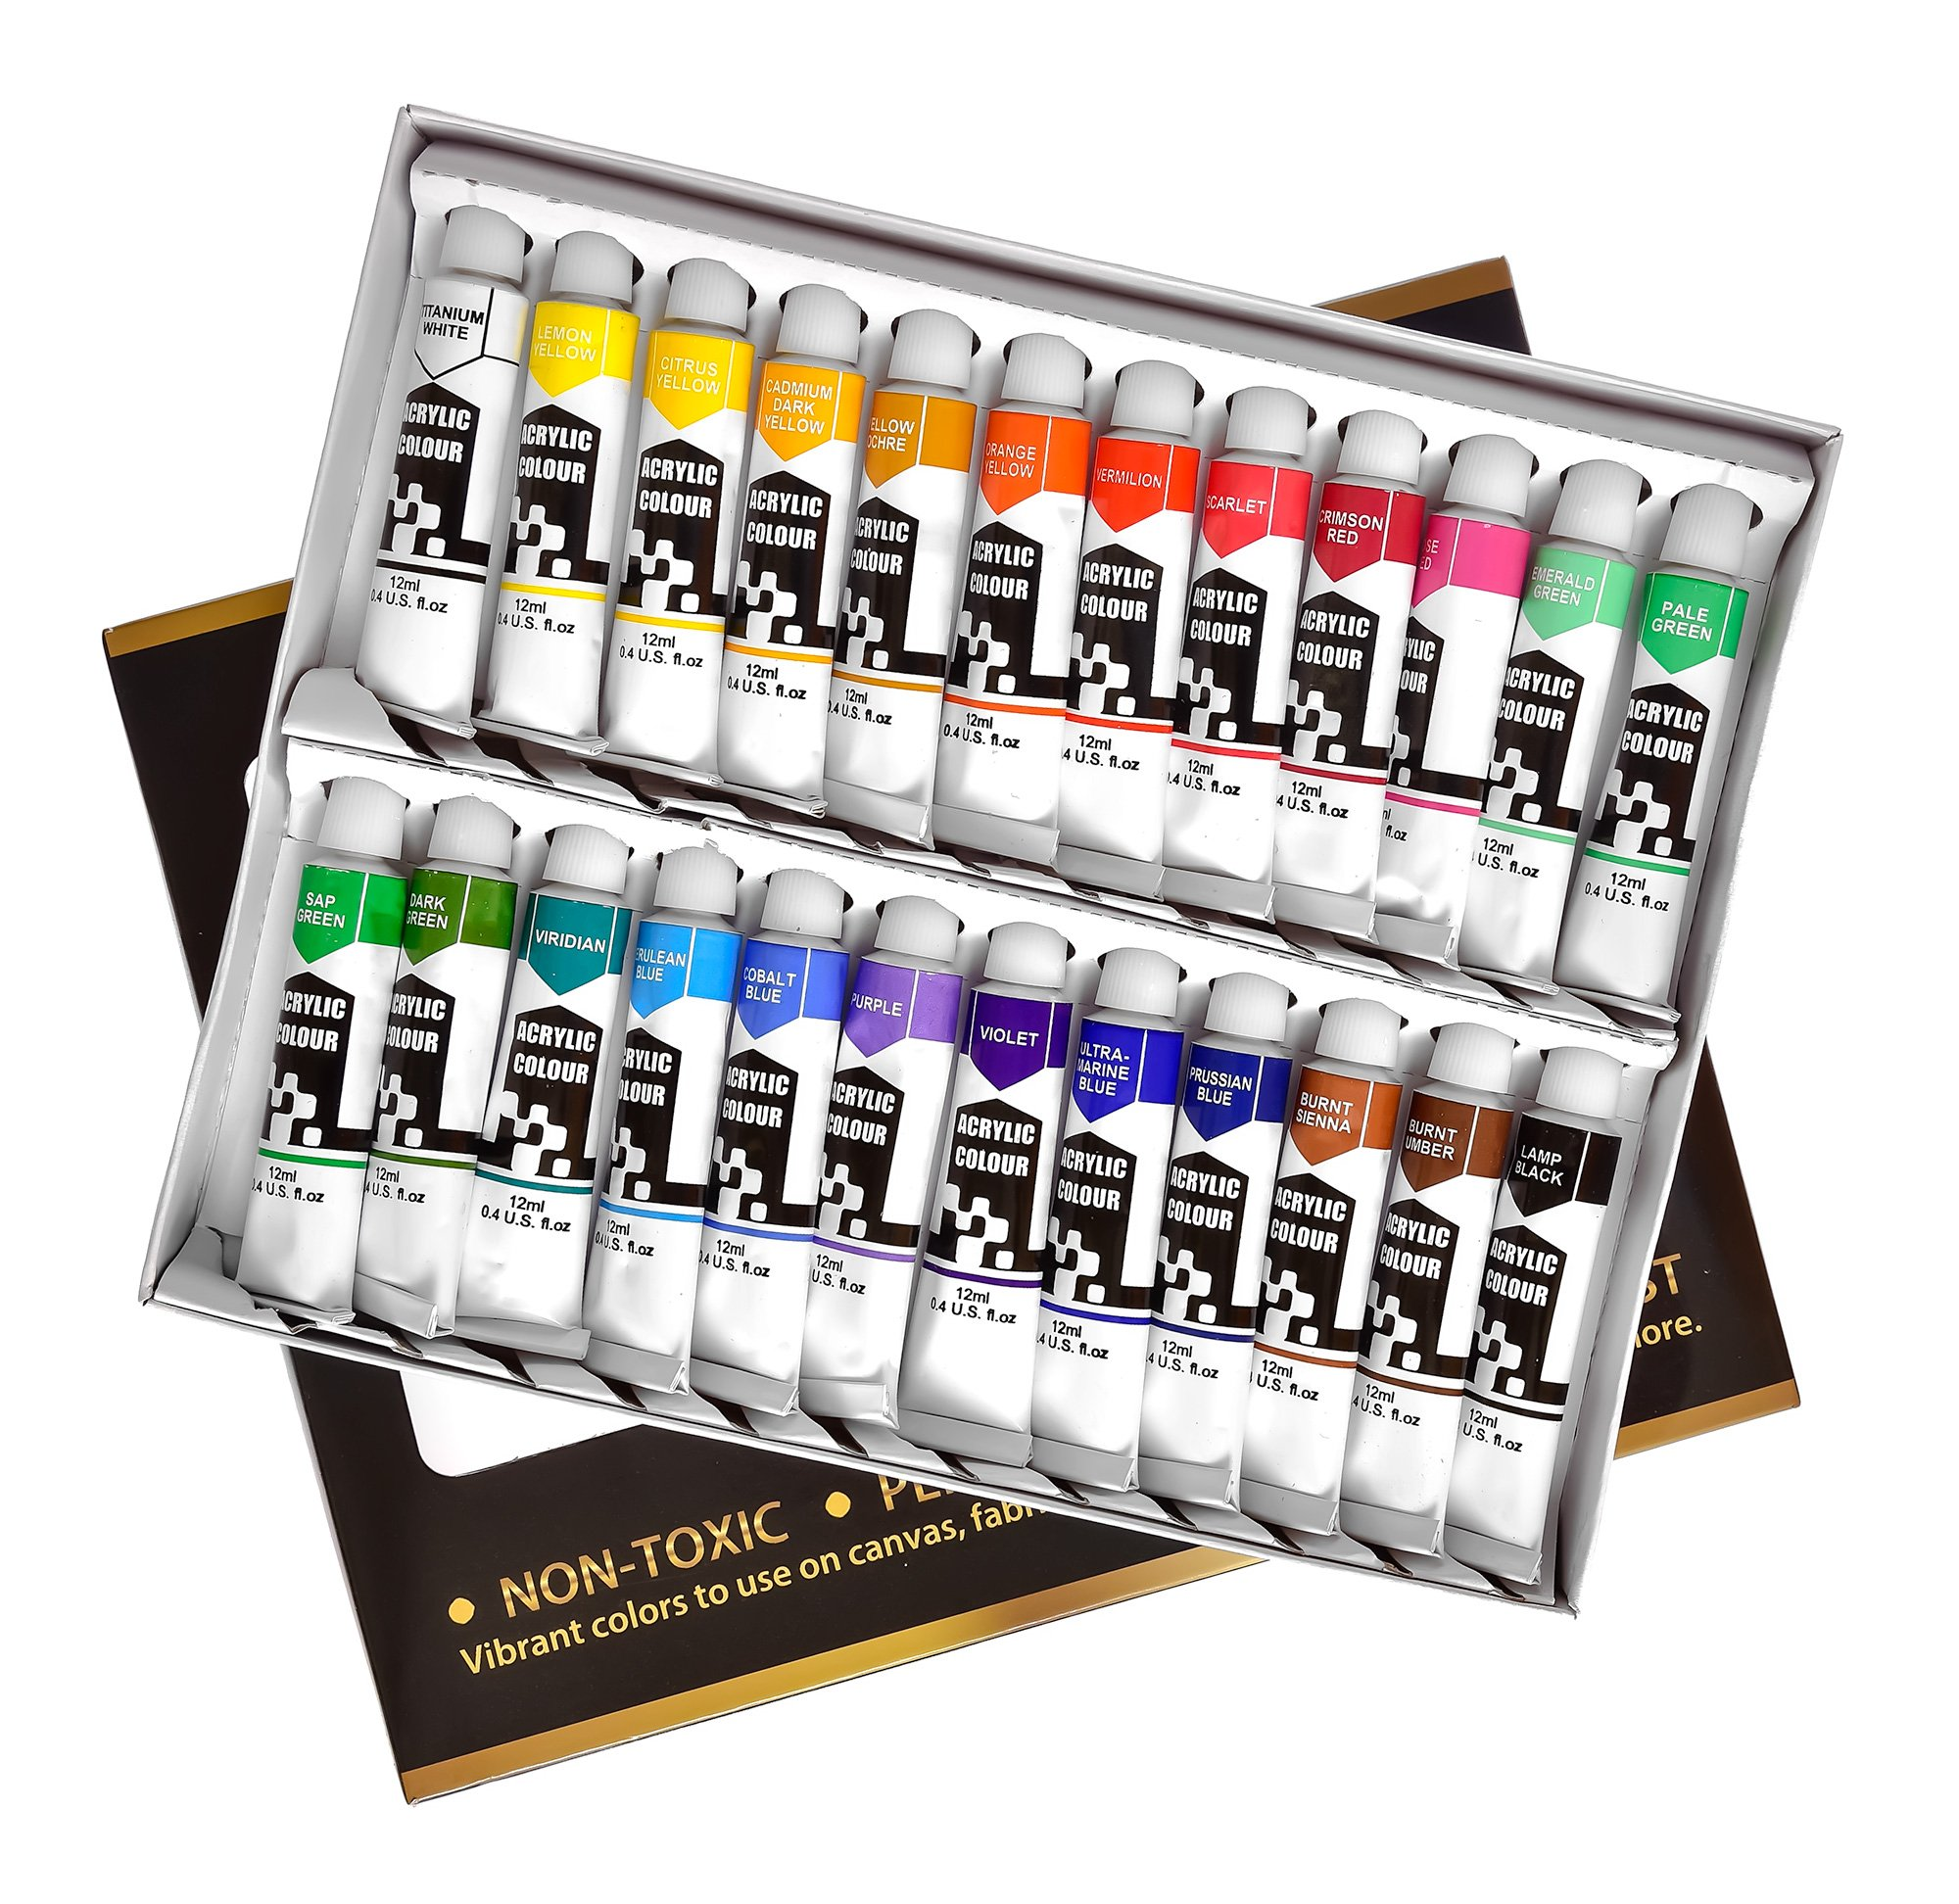 Noble Quality Acrylic Paint Set – Kit With 24 Tubes of Premium Quality Acrylic Paints – Superior Premium Paints for Acrylic Painting